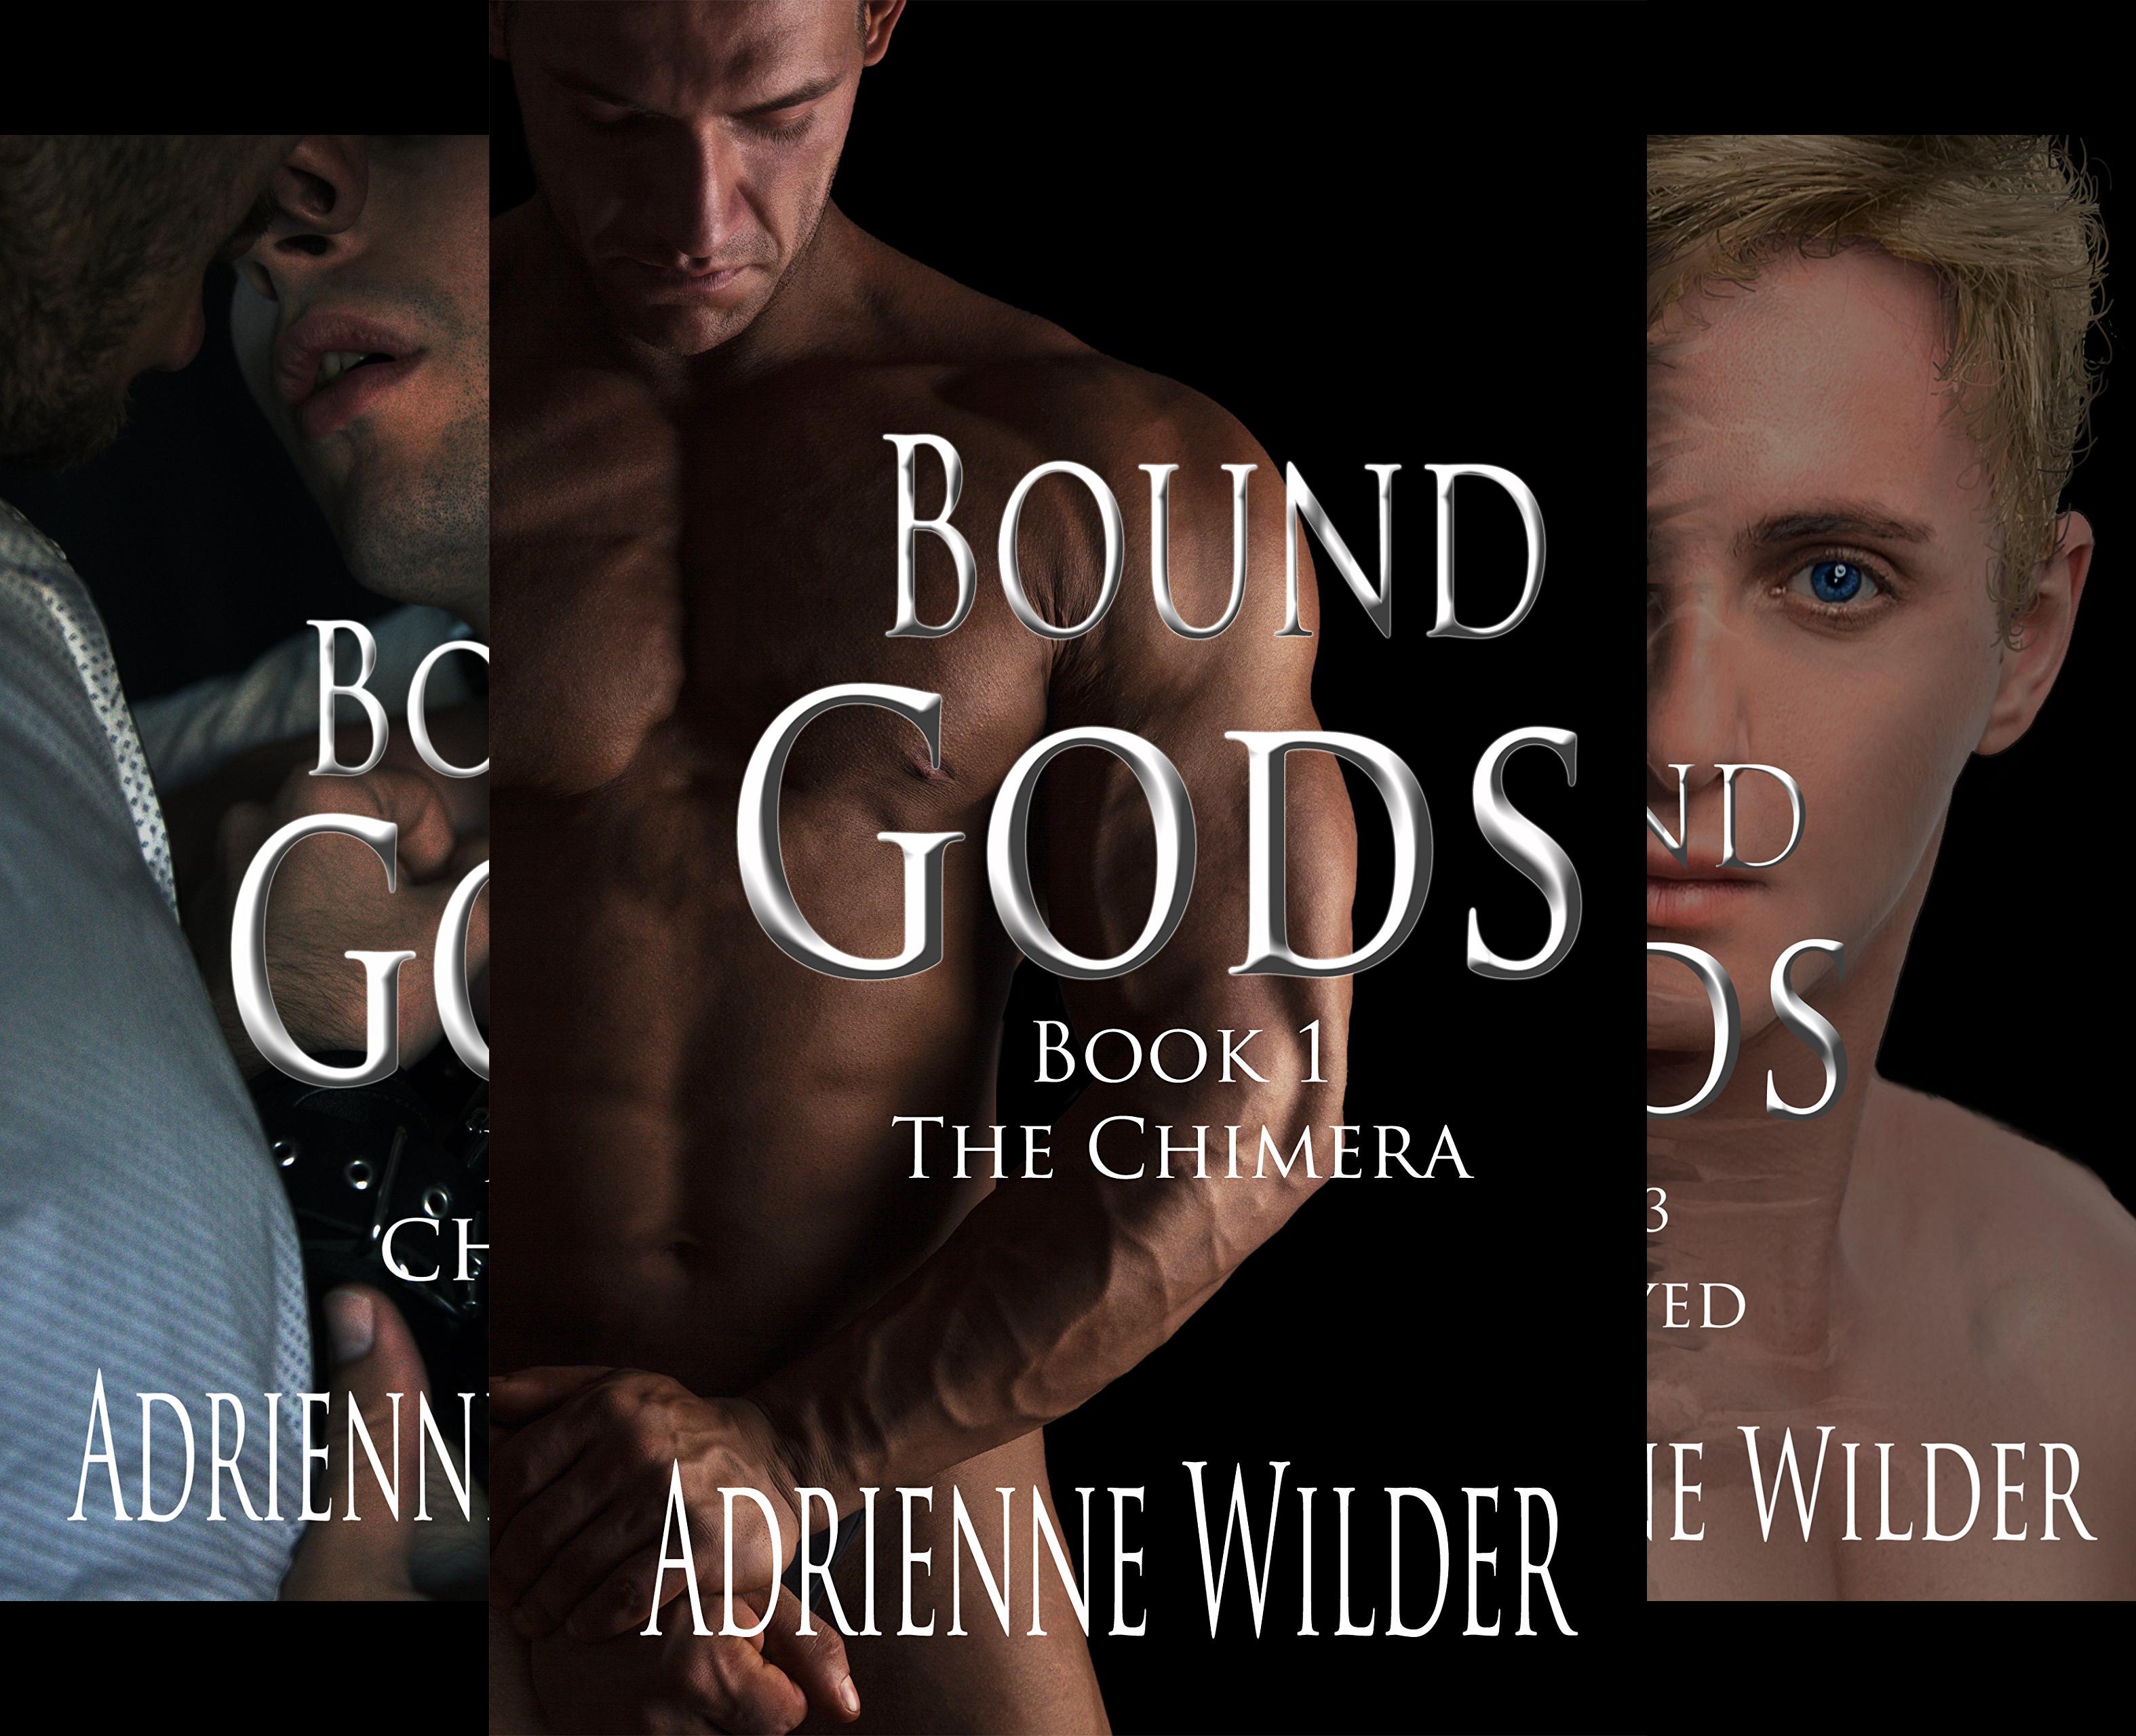 Bound Gods (8 Book Series)